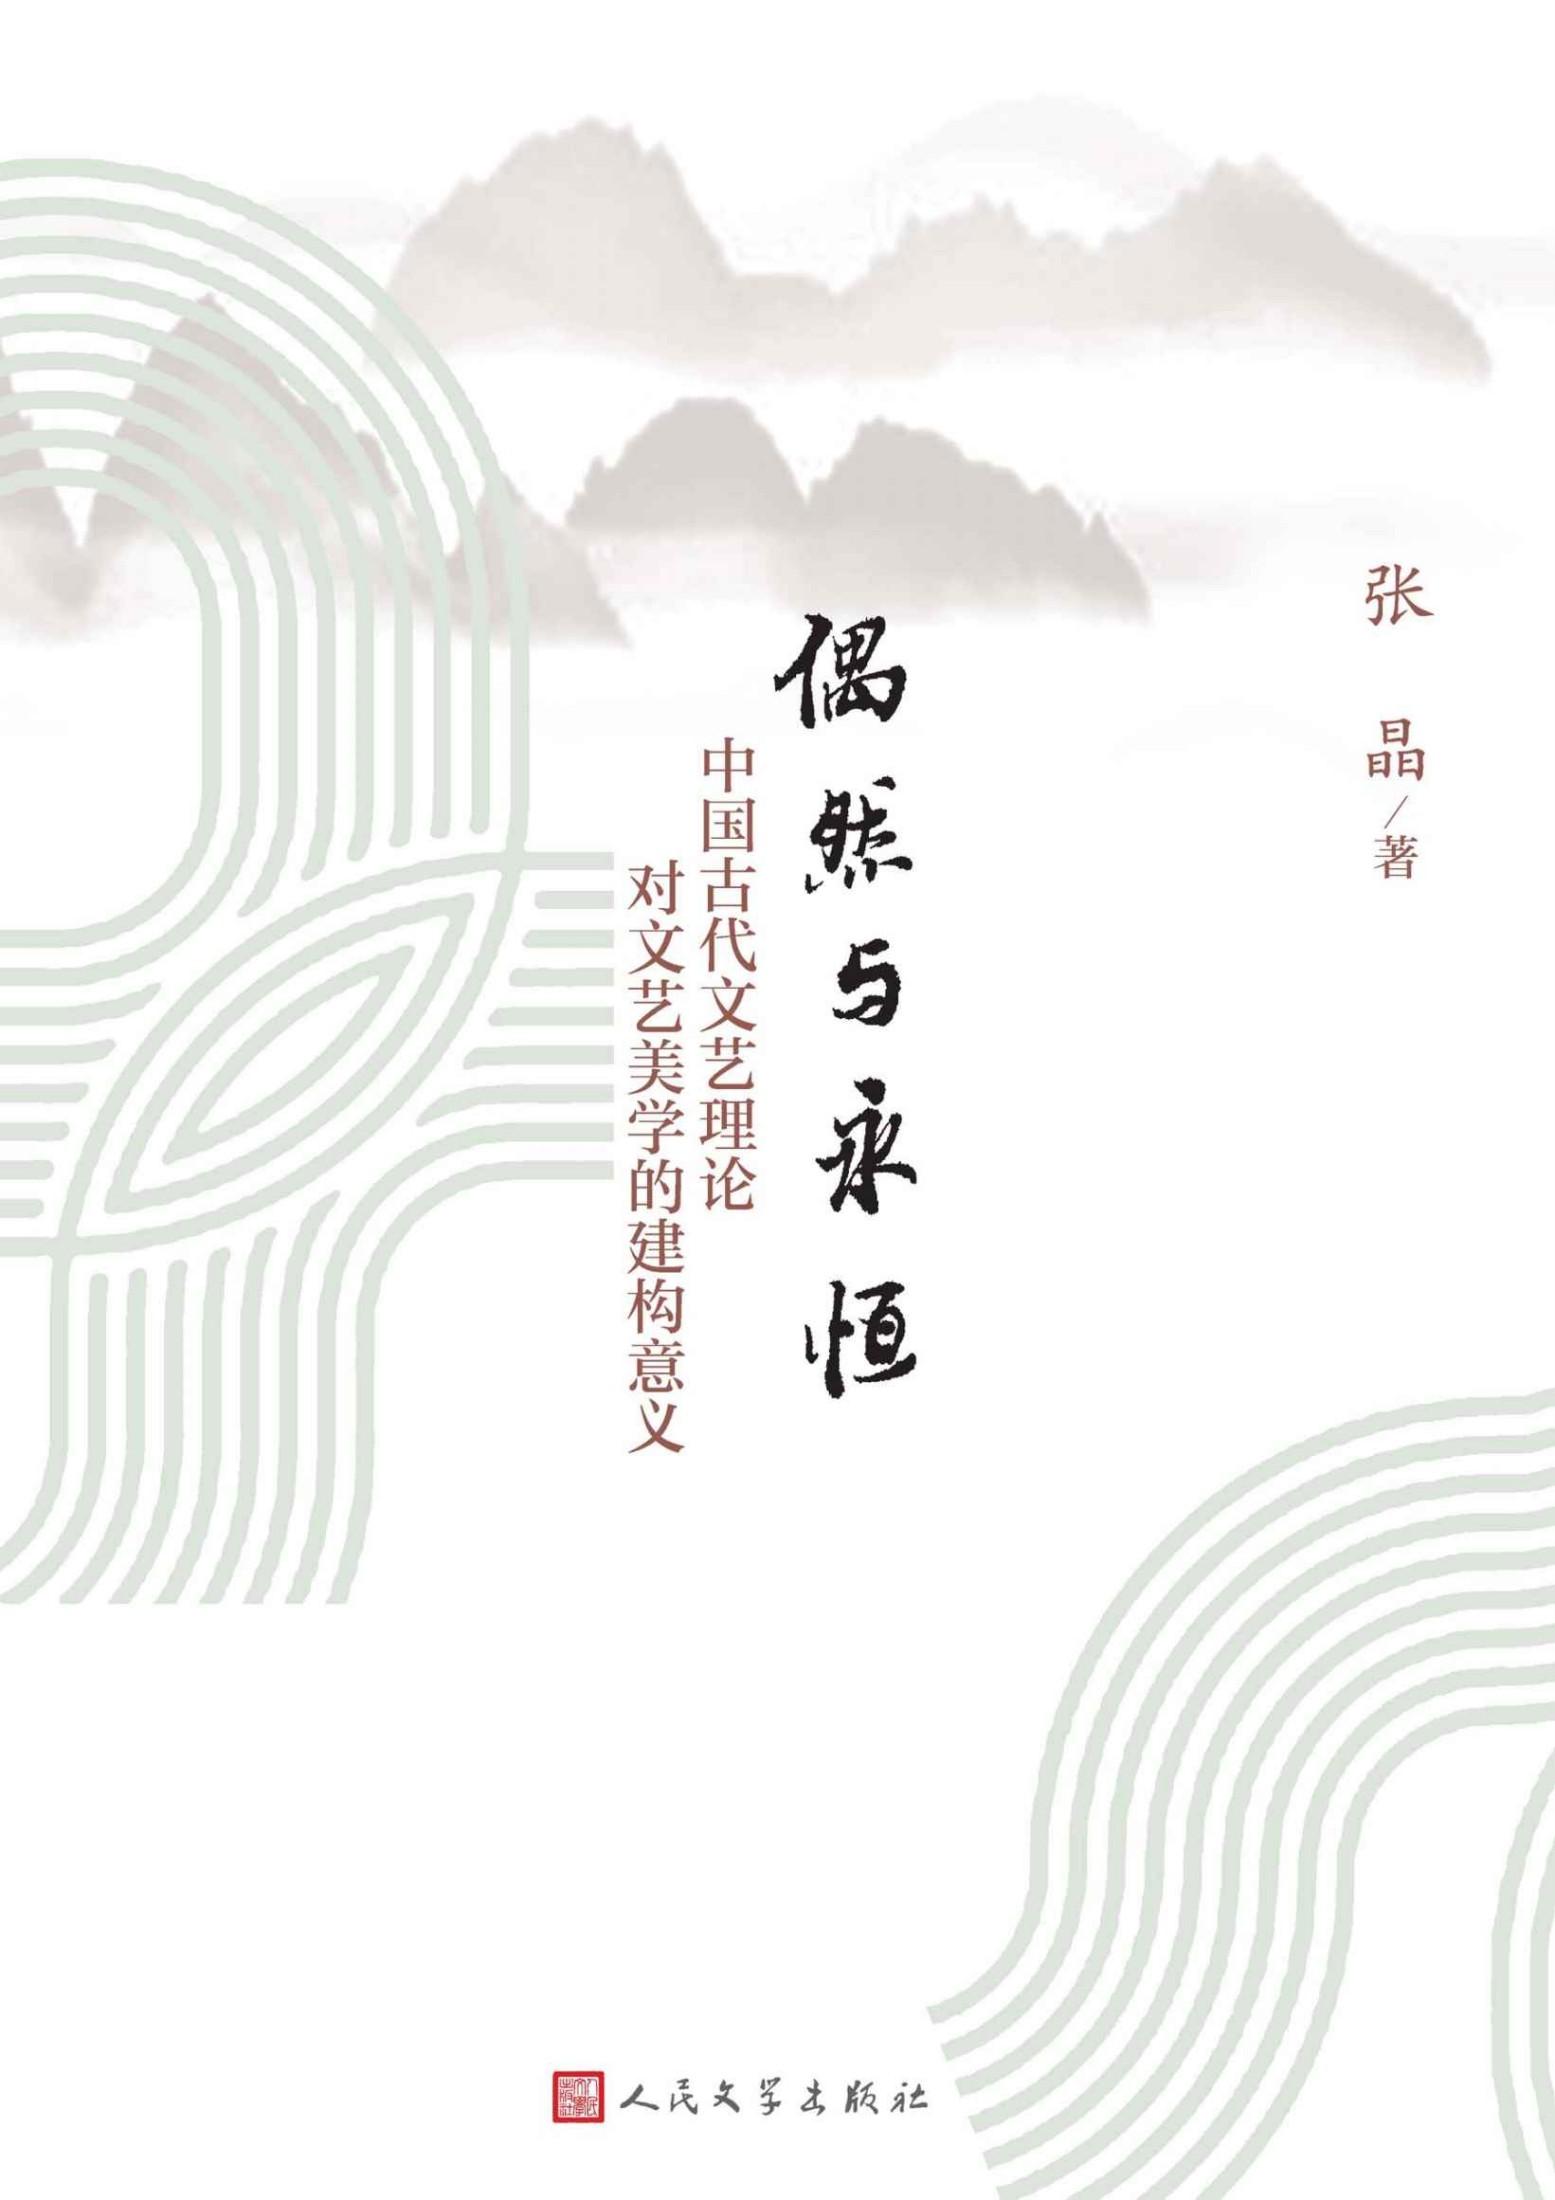 偶然与永恒:中国古代文艺理论对文艺美学的建构意义—张晶—pdf+mobi+epub+txt+azw3电子书下载